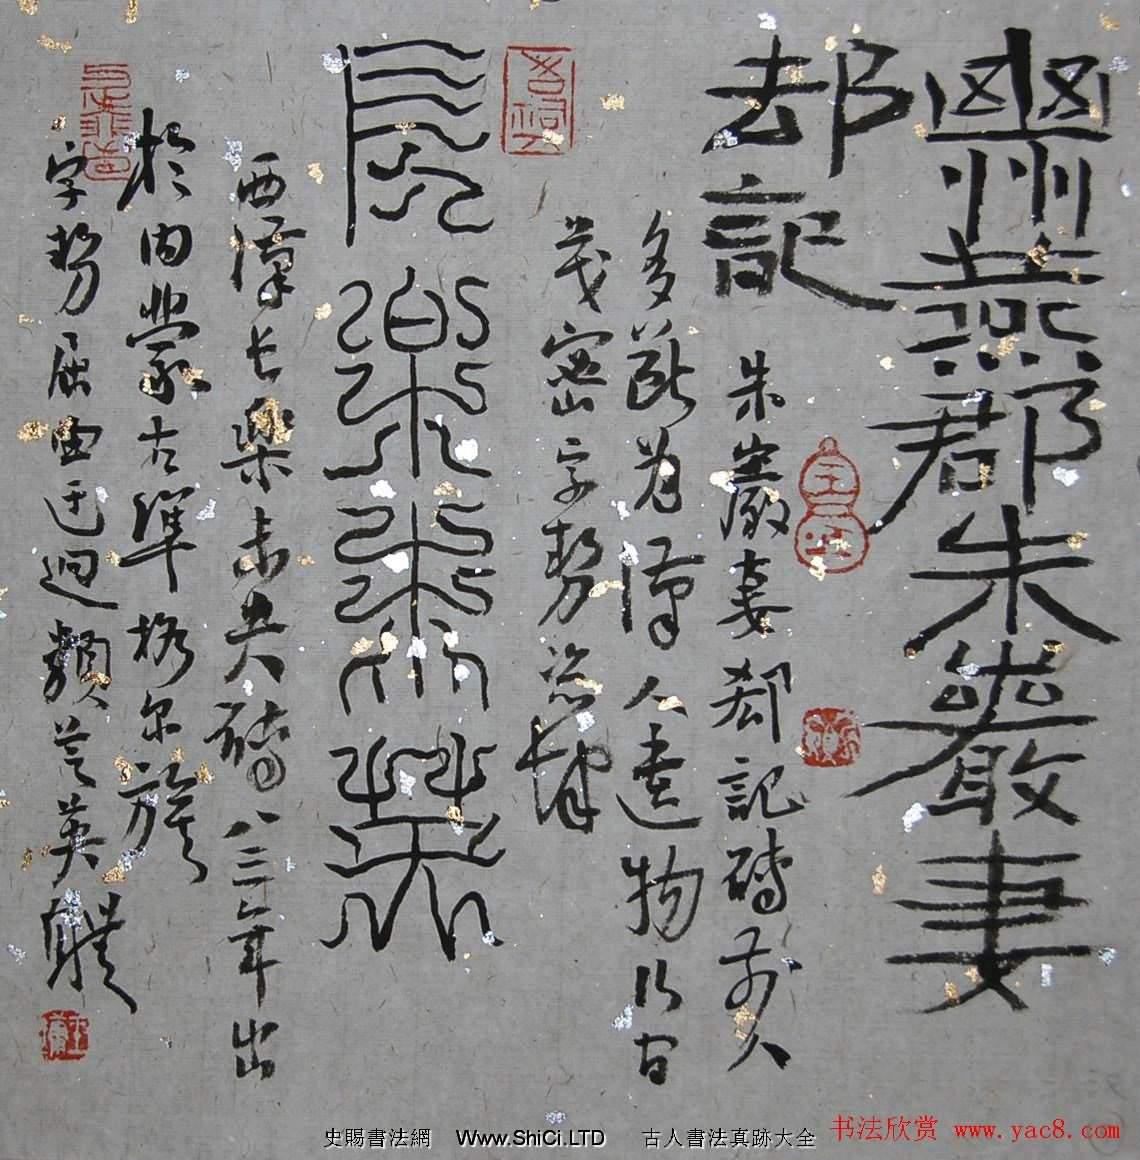 王鏞銘刻書法賞析意臨十開冊頁(共10張圖片)